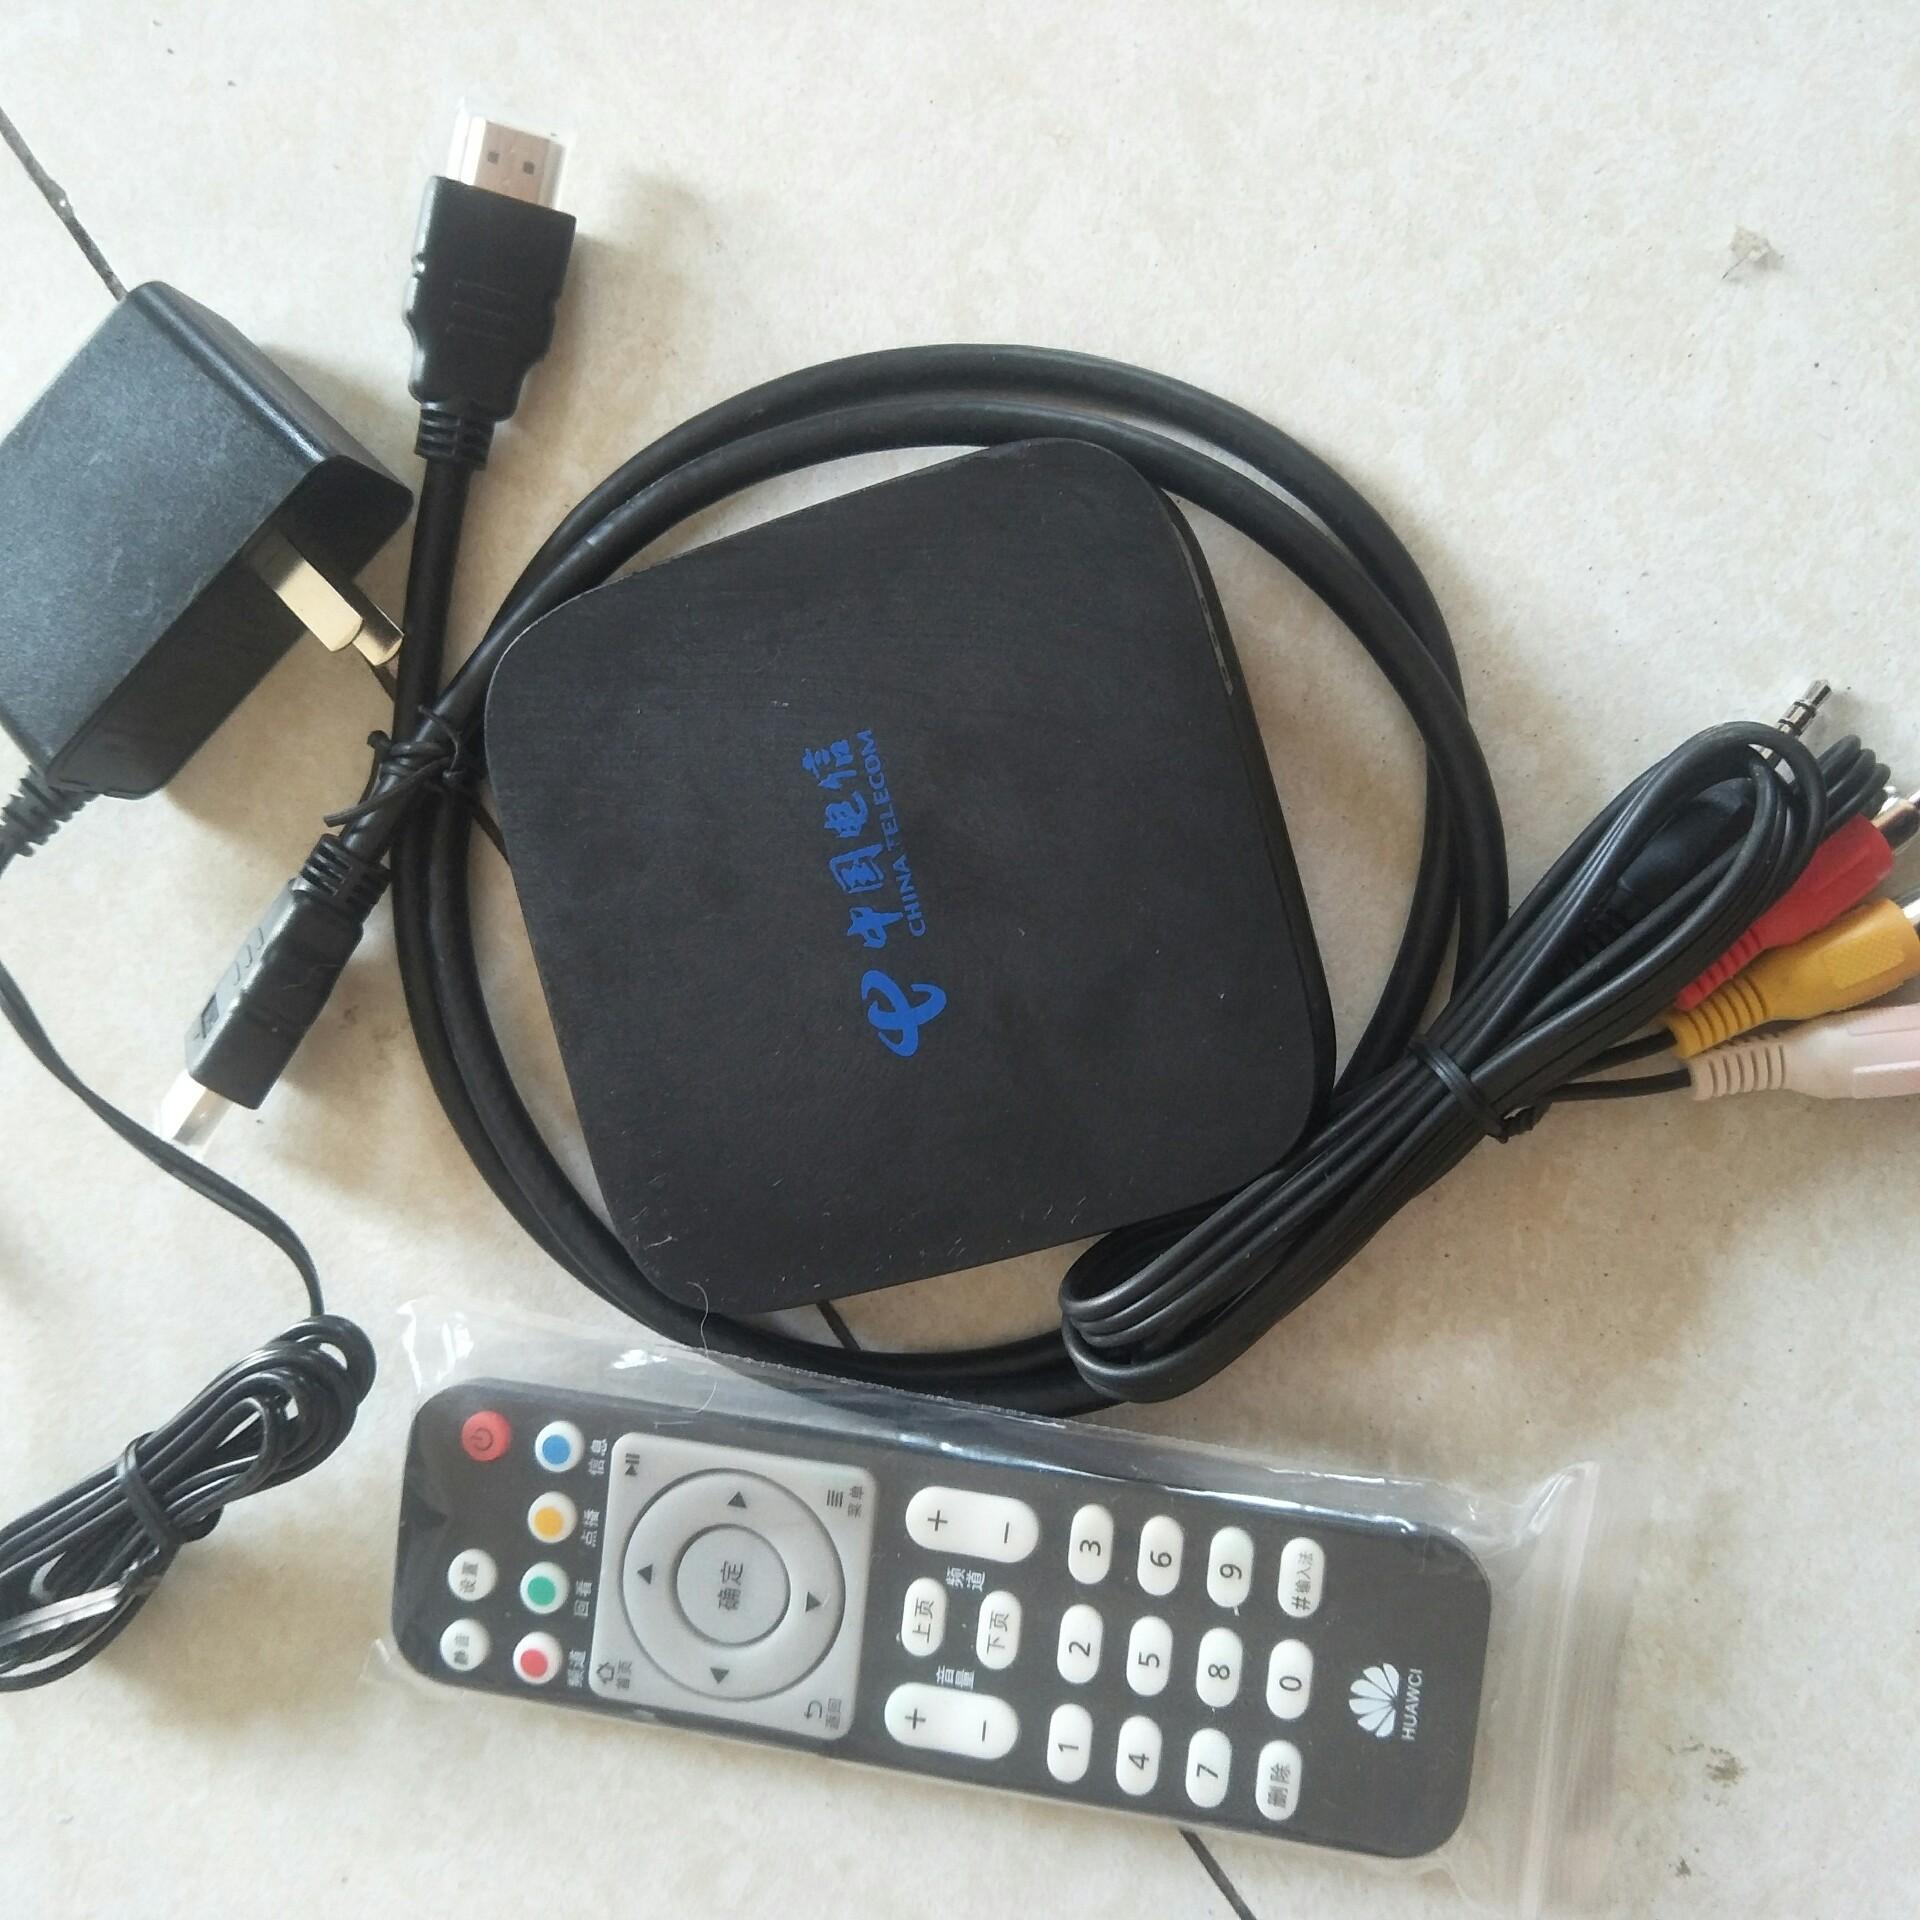 电信宽带路由器密码破解和网络设置